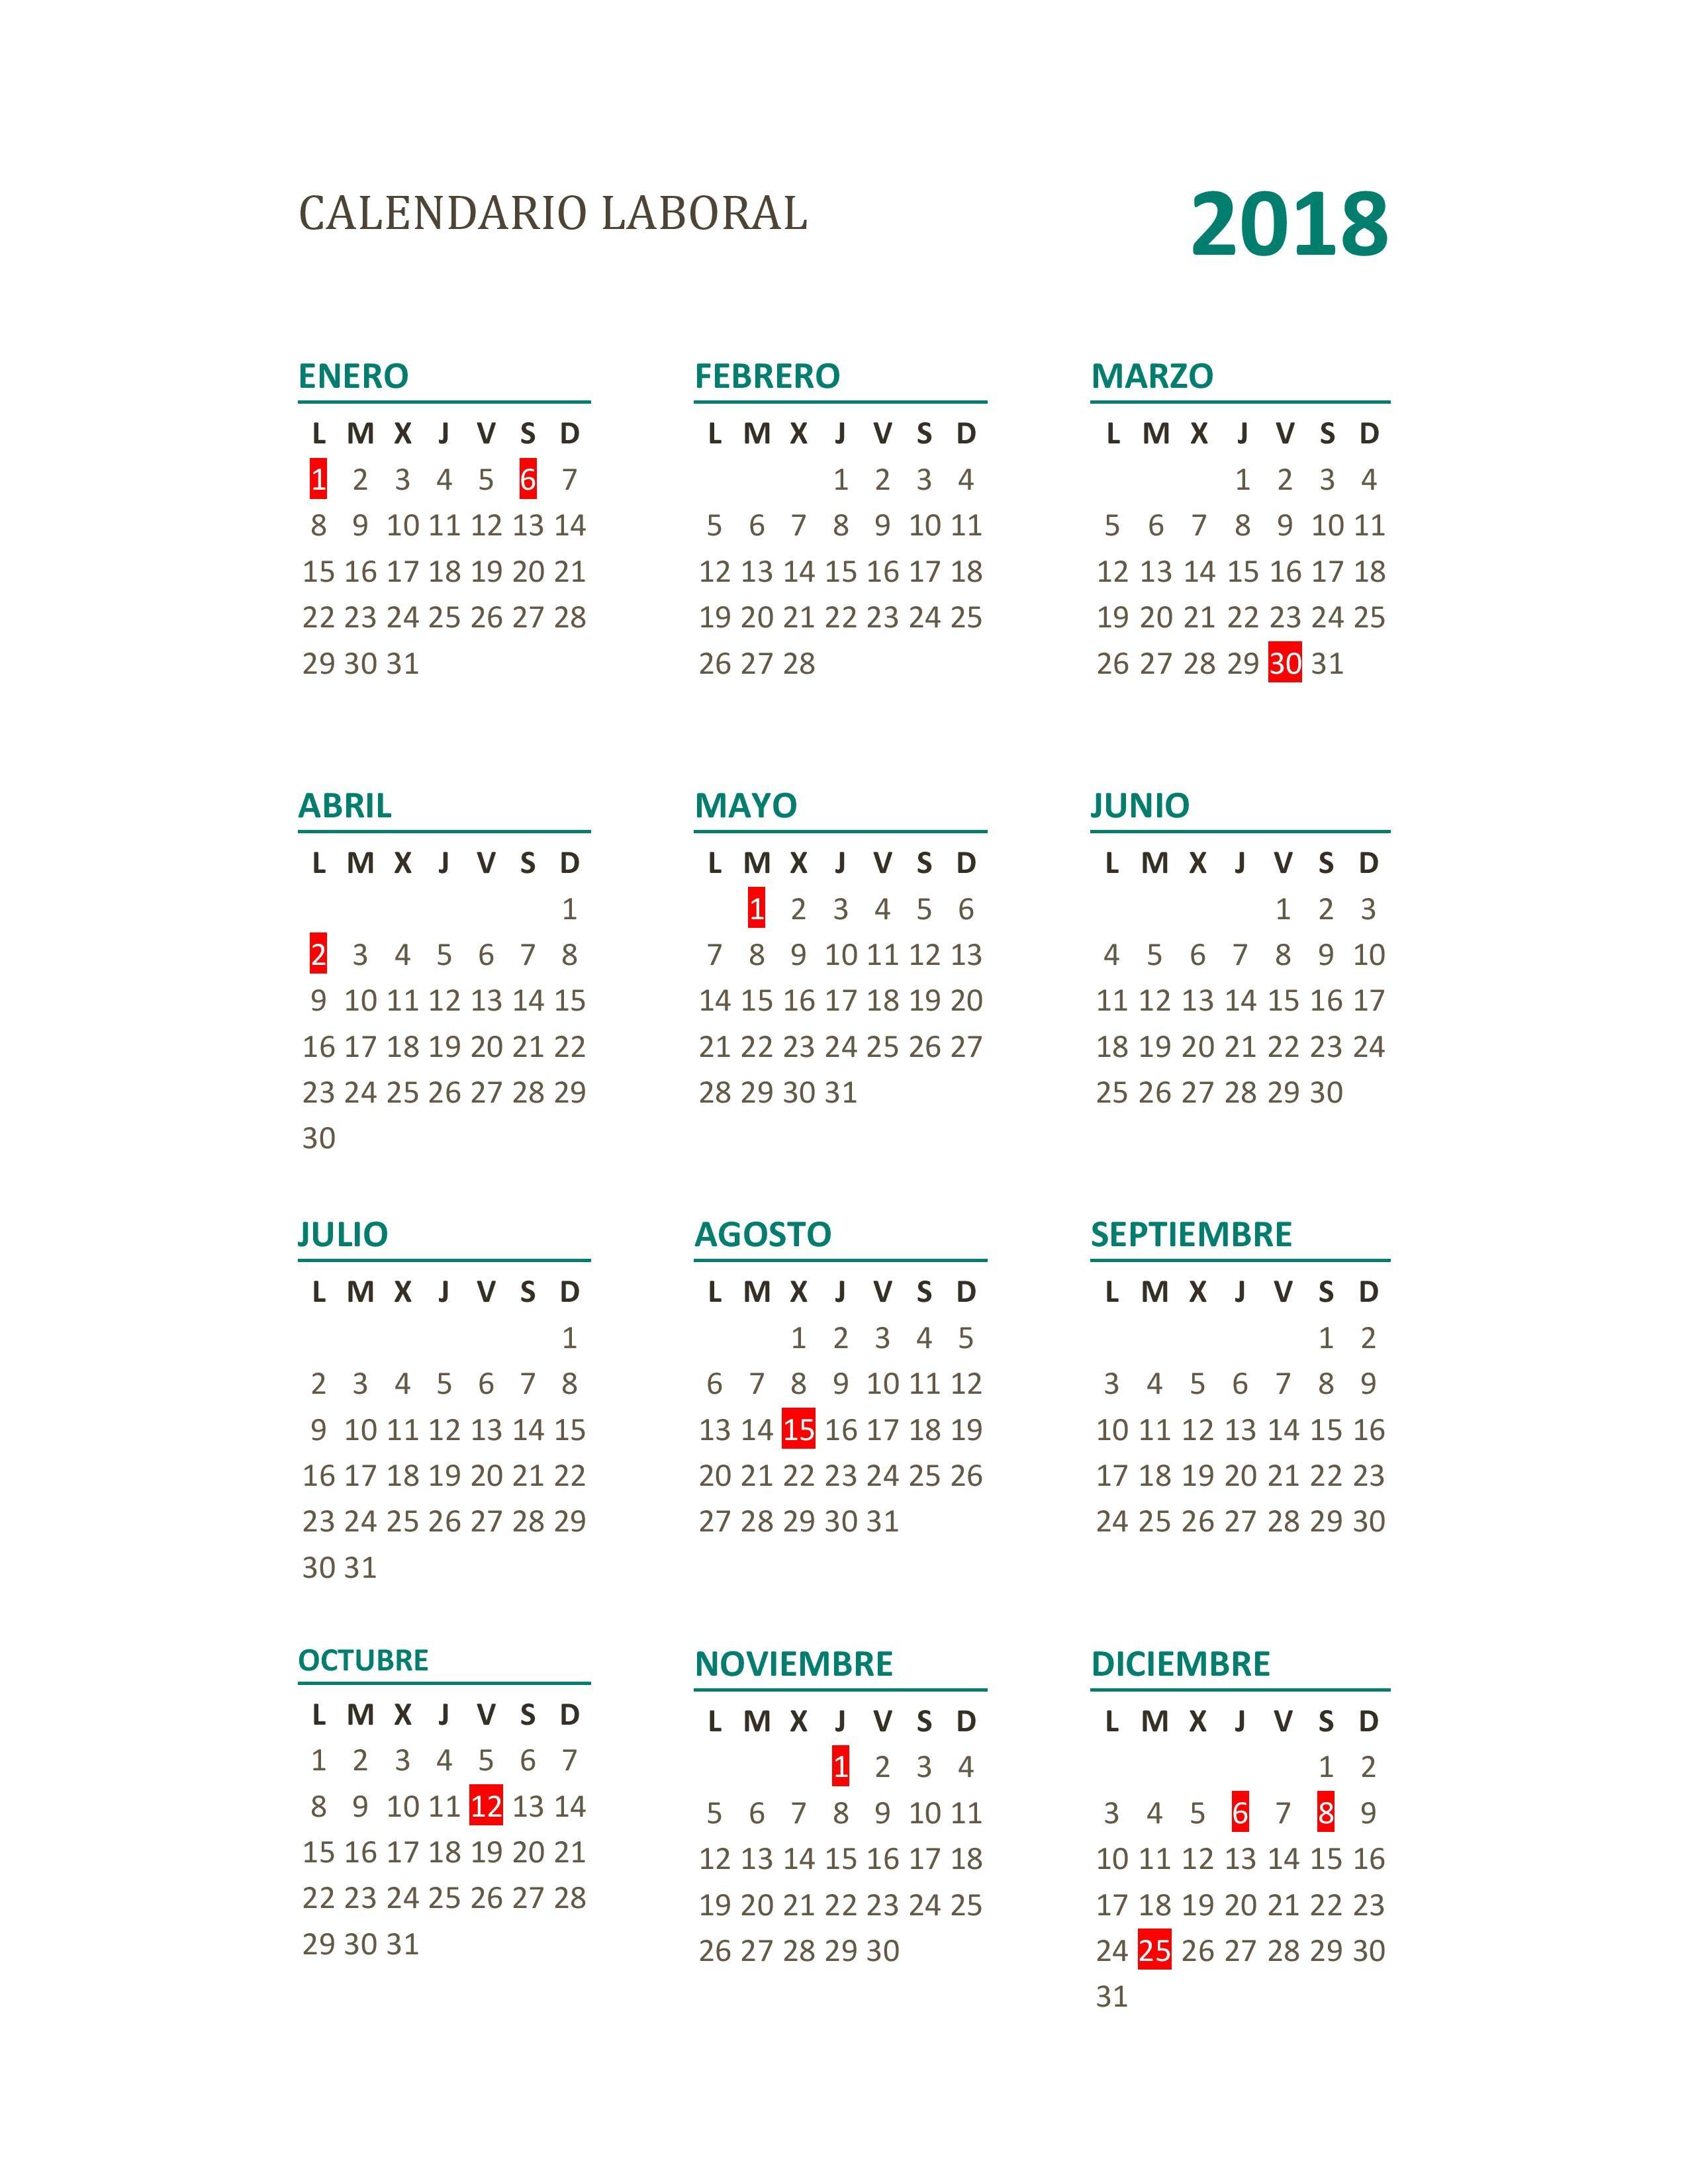 Calendario 2019 Para Llenar E Imprimir Más Recientemente Liberado Calendario Laboral 2018 Más De 200 Plantillas Para Imprimir Y Descargar Of Calendario 2019 Para Llenar E Imprimir Más Caliente Anuncios Calendario Escolar 2019 Gijon